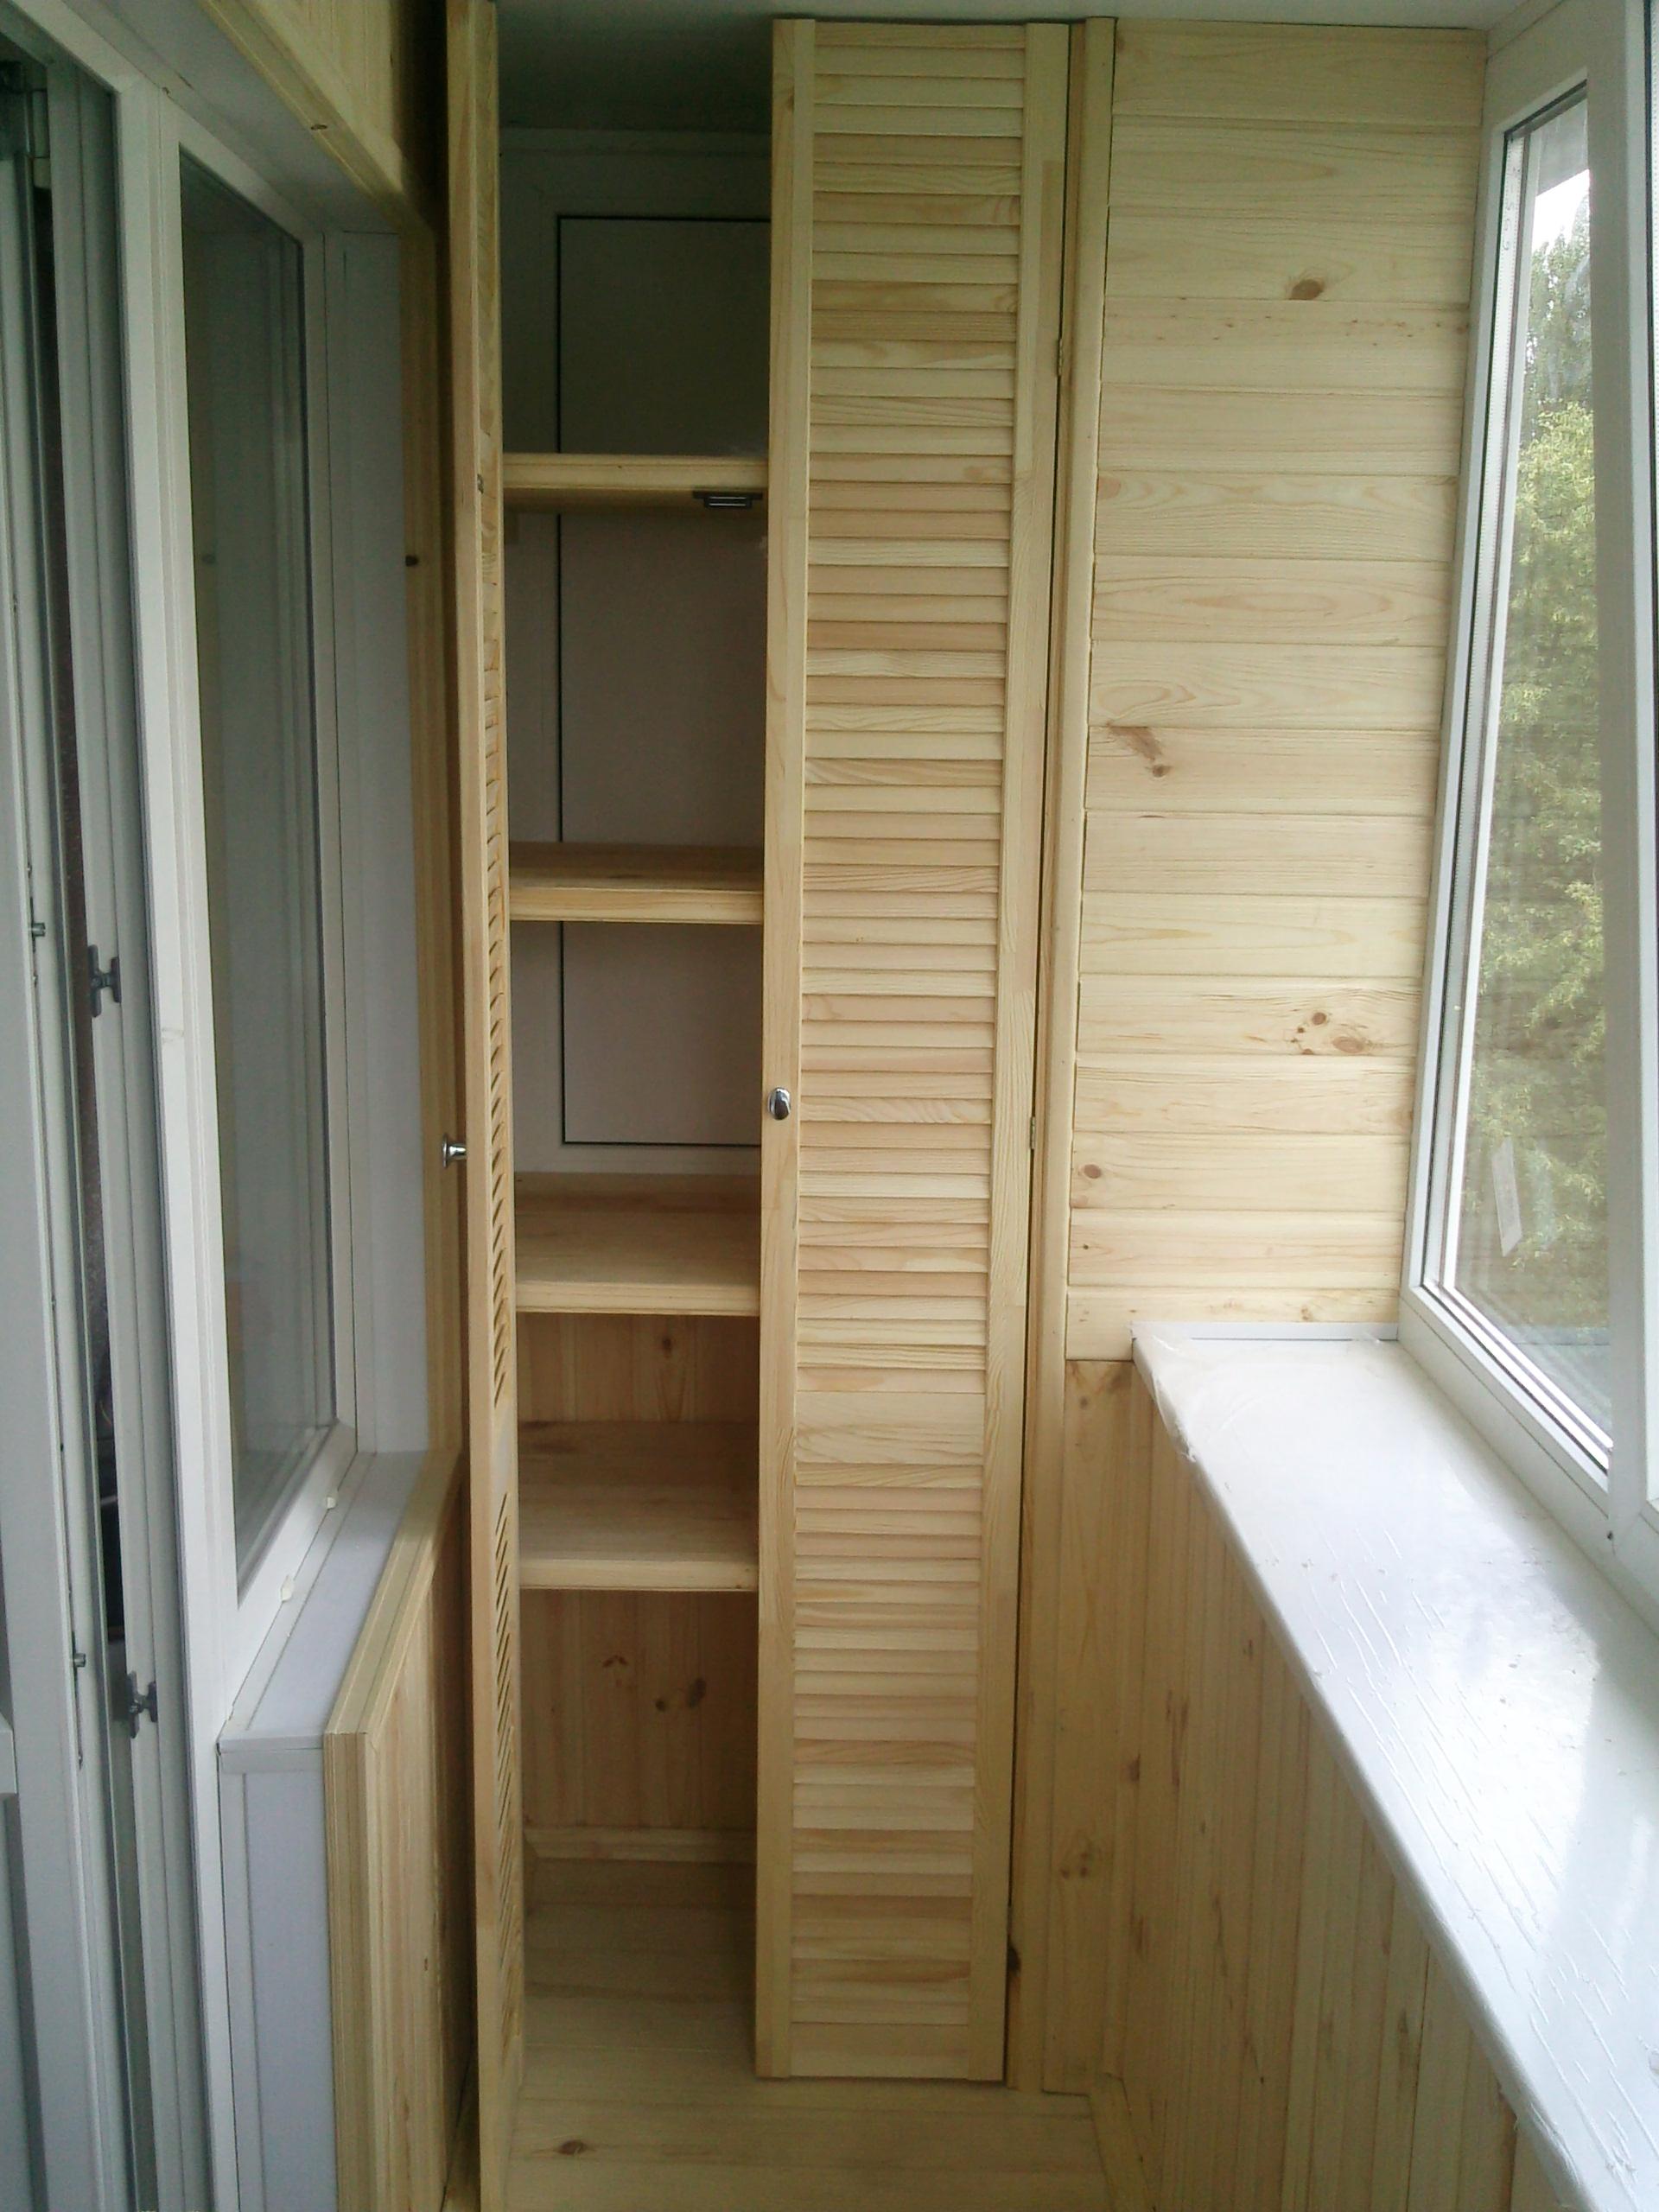 Шкаф на балконе своими руками: как сделать - фото и видео.